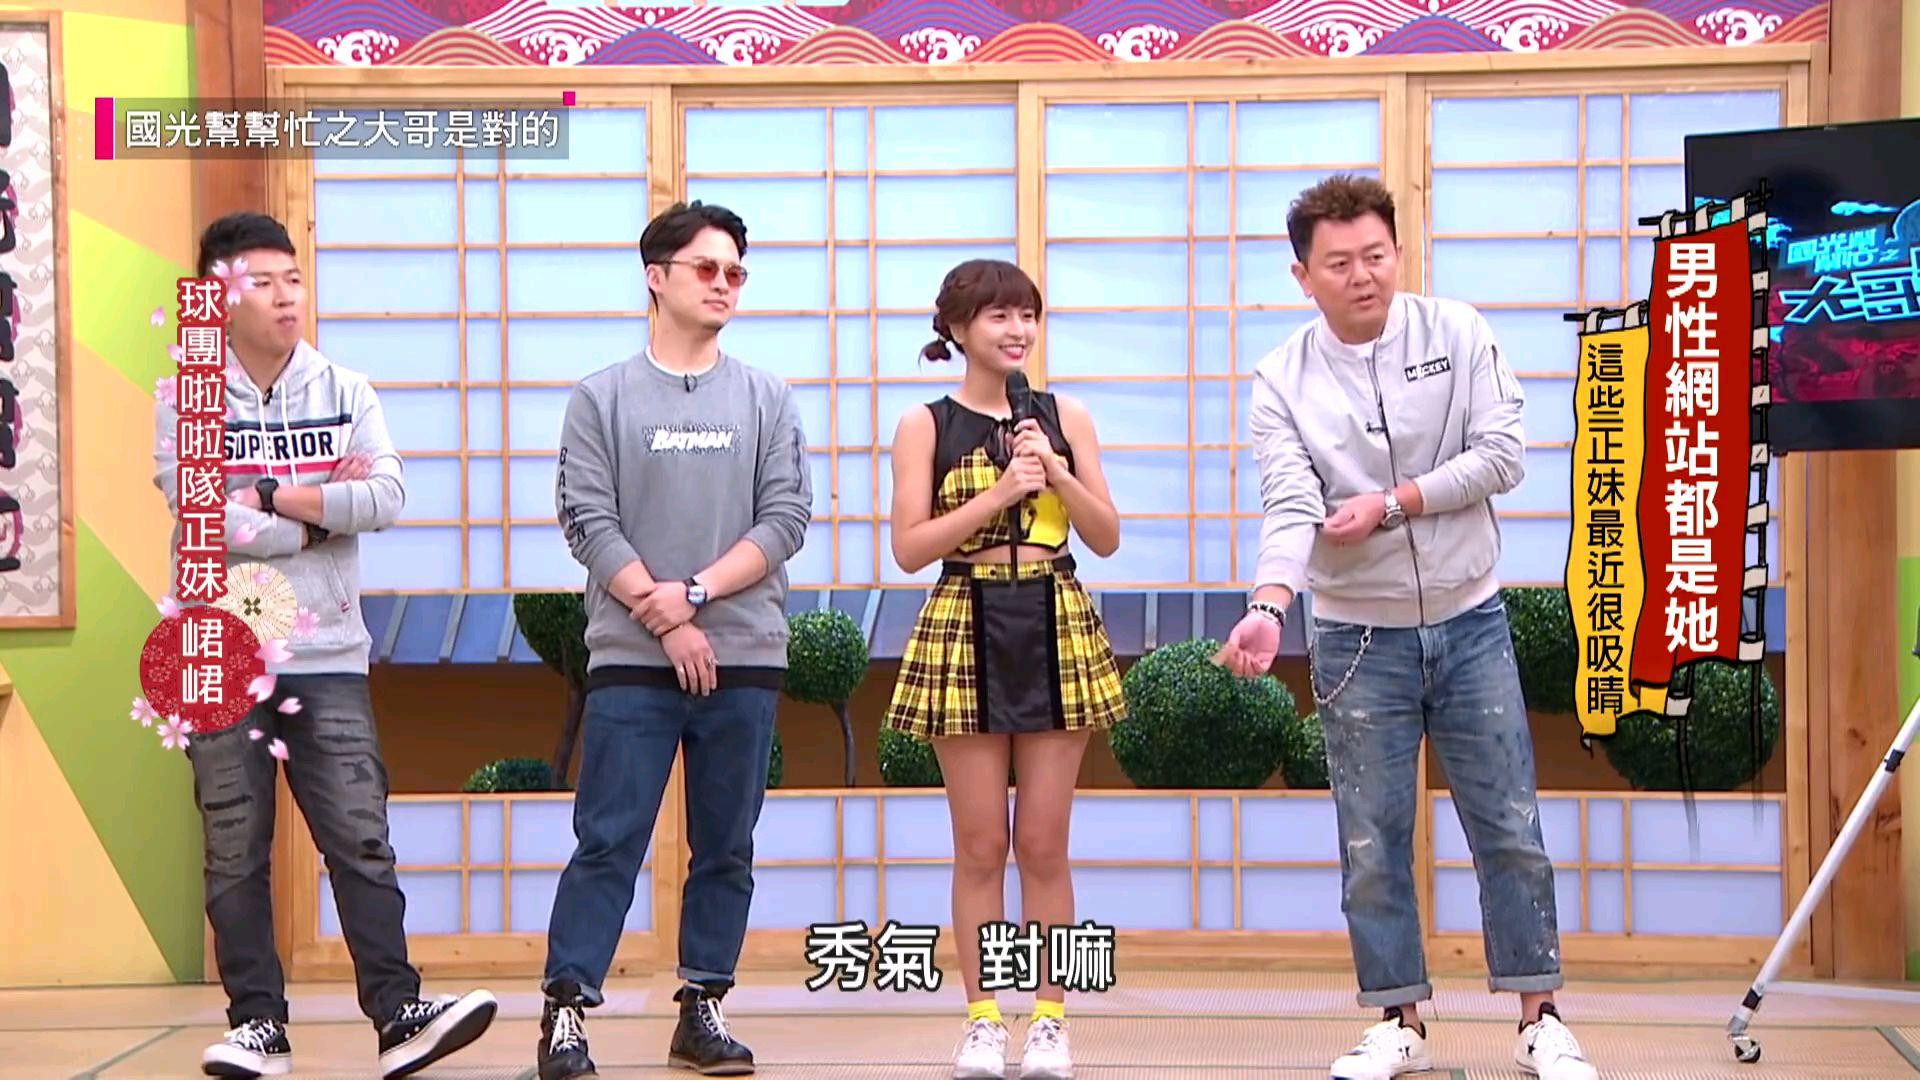 棒球拉拉队员珺珺上综艺节目国光帮帮忙